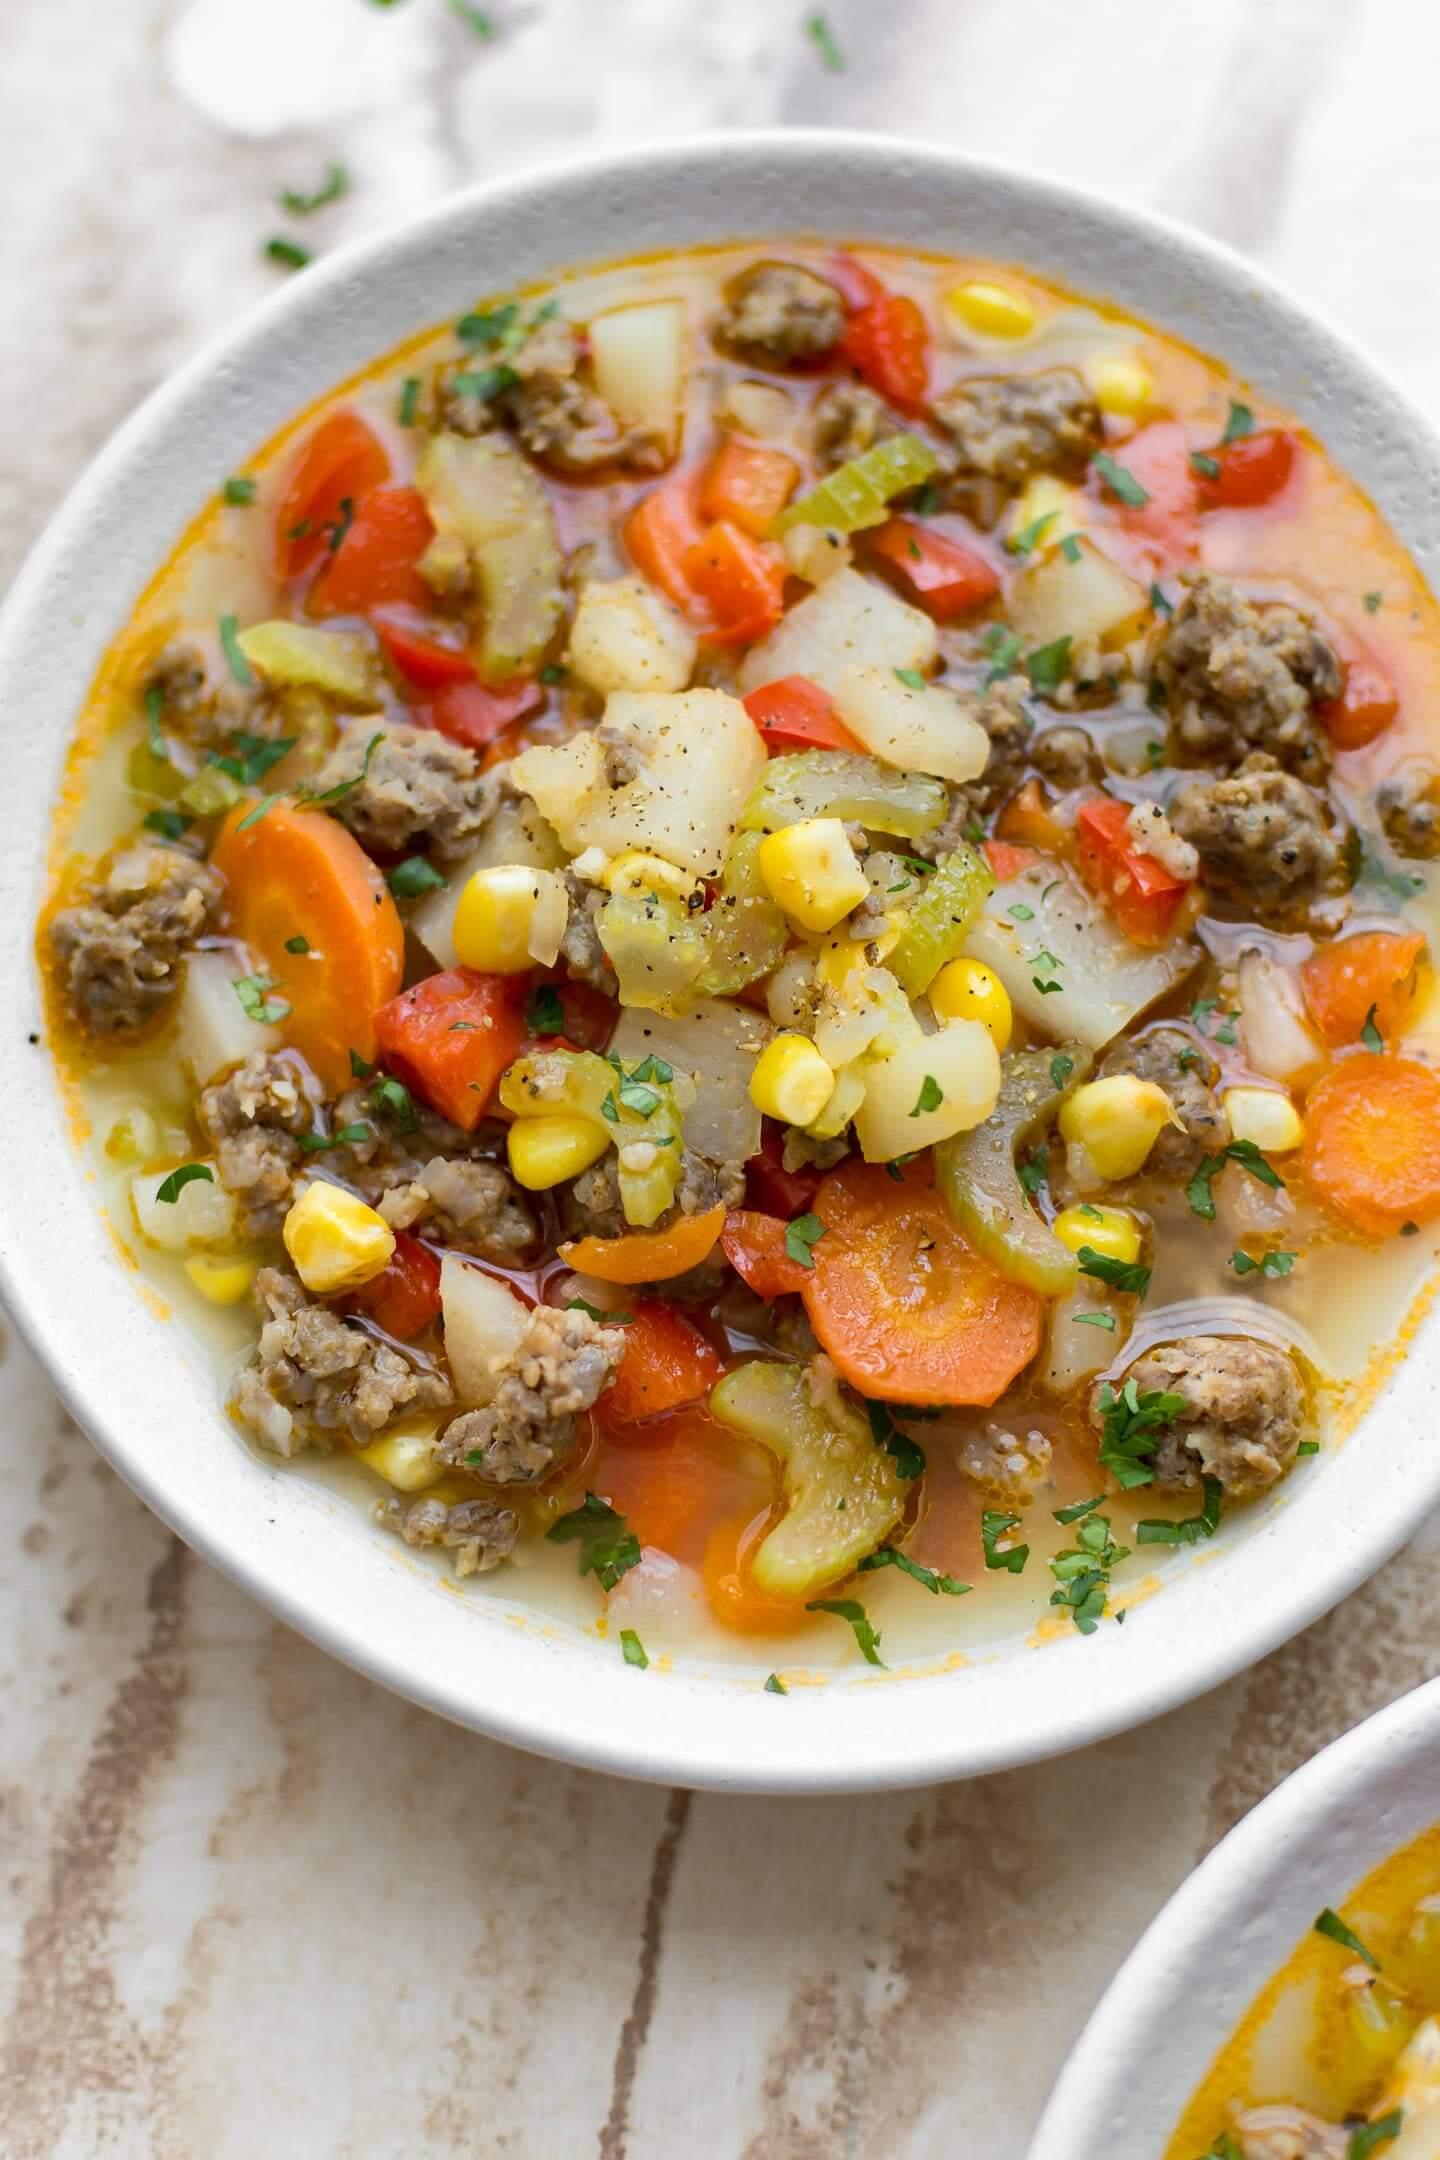 Sausage and Vegetable Soup, recipe soup, recipe for soup, recipe of soup, recipe with soup, recipe soup chicken, chicken soup recipe, recipe of soup chicken, recipe for pad thai, recipe for pad thai sauce, recipe for pad thai chicken, pad thai noodles recipe, recipe for pad thai noodles, ingredients for pad thai sauce, ingredients for pad thai noodles, recipe for pad thai noodles with chicken, recipe for pad thai noodles vegetarian, easy recipe for pad thai noodles, ingredients for pad thai chicken, recipe for pad thai noodles with prawns, recipe for vegan pad thai noodles, pad thai recipe for diabetics, pad thai recipe for 10, instant pot recipe for pad thai, recipe with pad thai paste, easy recipe for pad thai sauce, recipe for thai pad woon sen, recipe with pad thai sauce, recipe for pad thai easy, pad thai recipe for 6, recipe for pad thai salad, recipe for gluten free pad thai, pad thai recipe for 4, thai recipe for pad thai, recipe for pad thai sauce peanut butter, recipe for pad thai sauce without tamarind, recipe for vegan pad thai sauce, recipe with pad thai noodles, pad thai recipe for 2, best recipe for pad thai sauce, pad thai recipe for one, recipe for raw vegan pad thai, pad thai recipe for 1, keto recipe for pad thai, chicken pad thai recipe for 2, recipe chicken pad thai peanut butter, recipe for authentic chicken pad thai, recipe for pad thai noodles with shrimp, recipe for zucchini pad thai, recipe for pad thai with tamarind sauce, recipe for authentic pad thai sauce, recipe pad thai jamie oliver, recipe for king prawn pad thai, recipe for veggie pad thai, recipe for pf chang's pad thai, recipe for pad thai without fish sauce, recipe for pad thai with chicken, recipe to make pad thai, best recipe for pad thai noodles, recipe for quick pad thai, recipe for pork pad thai, recipe pad thai vegan, recipe, recipe with chicken, recipe for chicken, recipes for chicken, recipe chicken, recipe for meatloaf, meatloaf recipe, recipe for chili, recipe of pancak